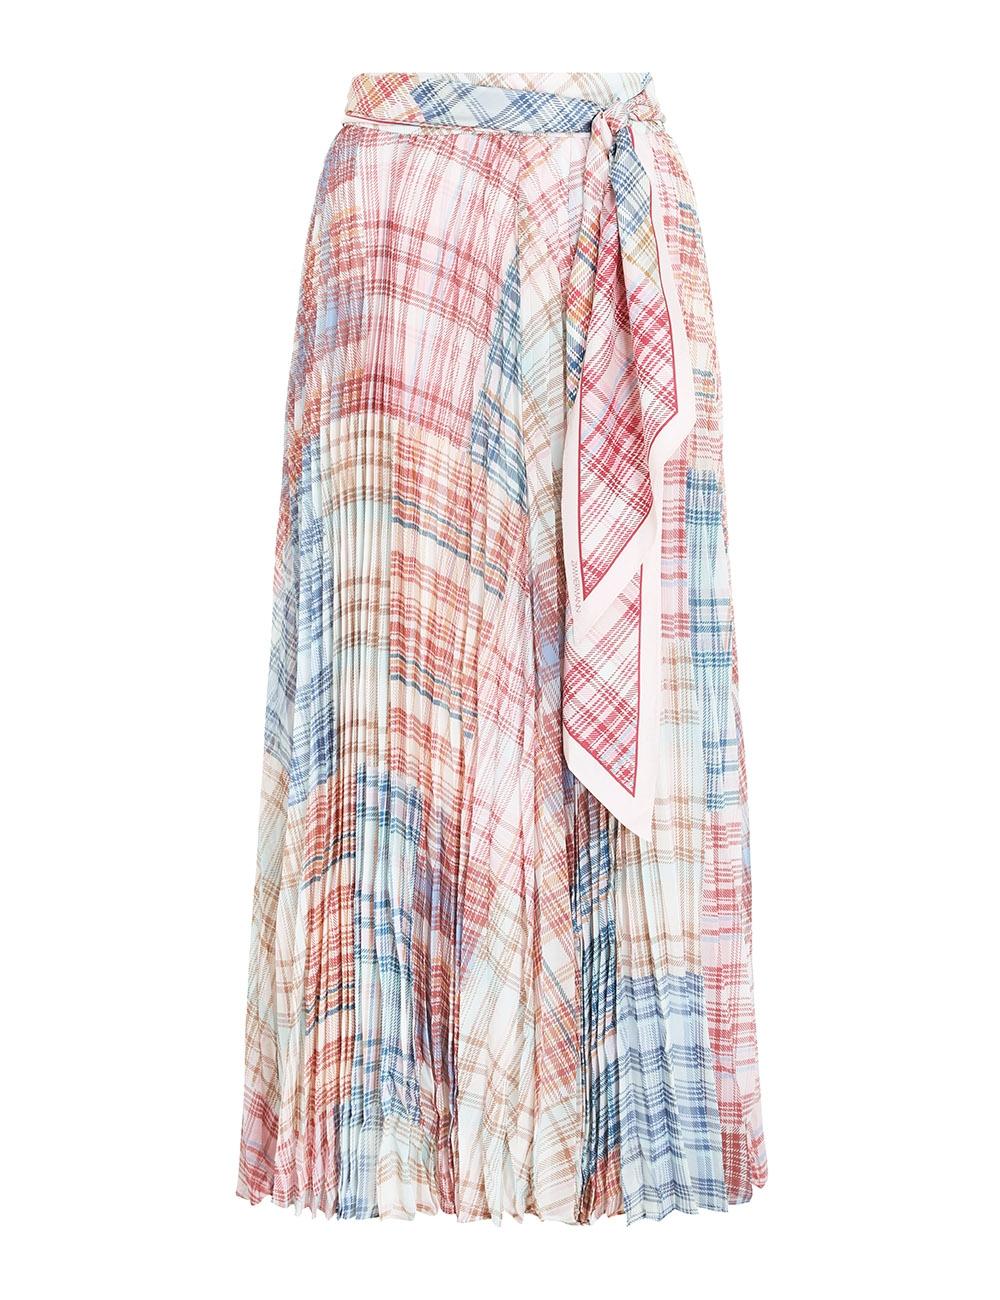 Charm Sunray Skirt